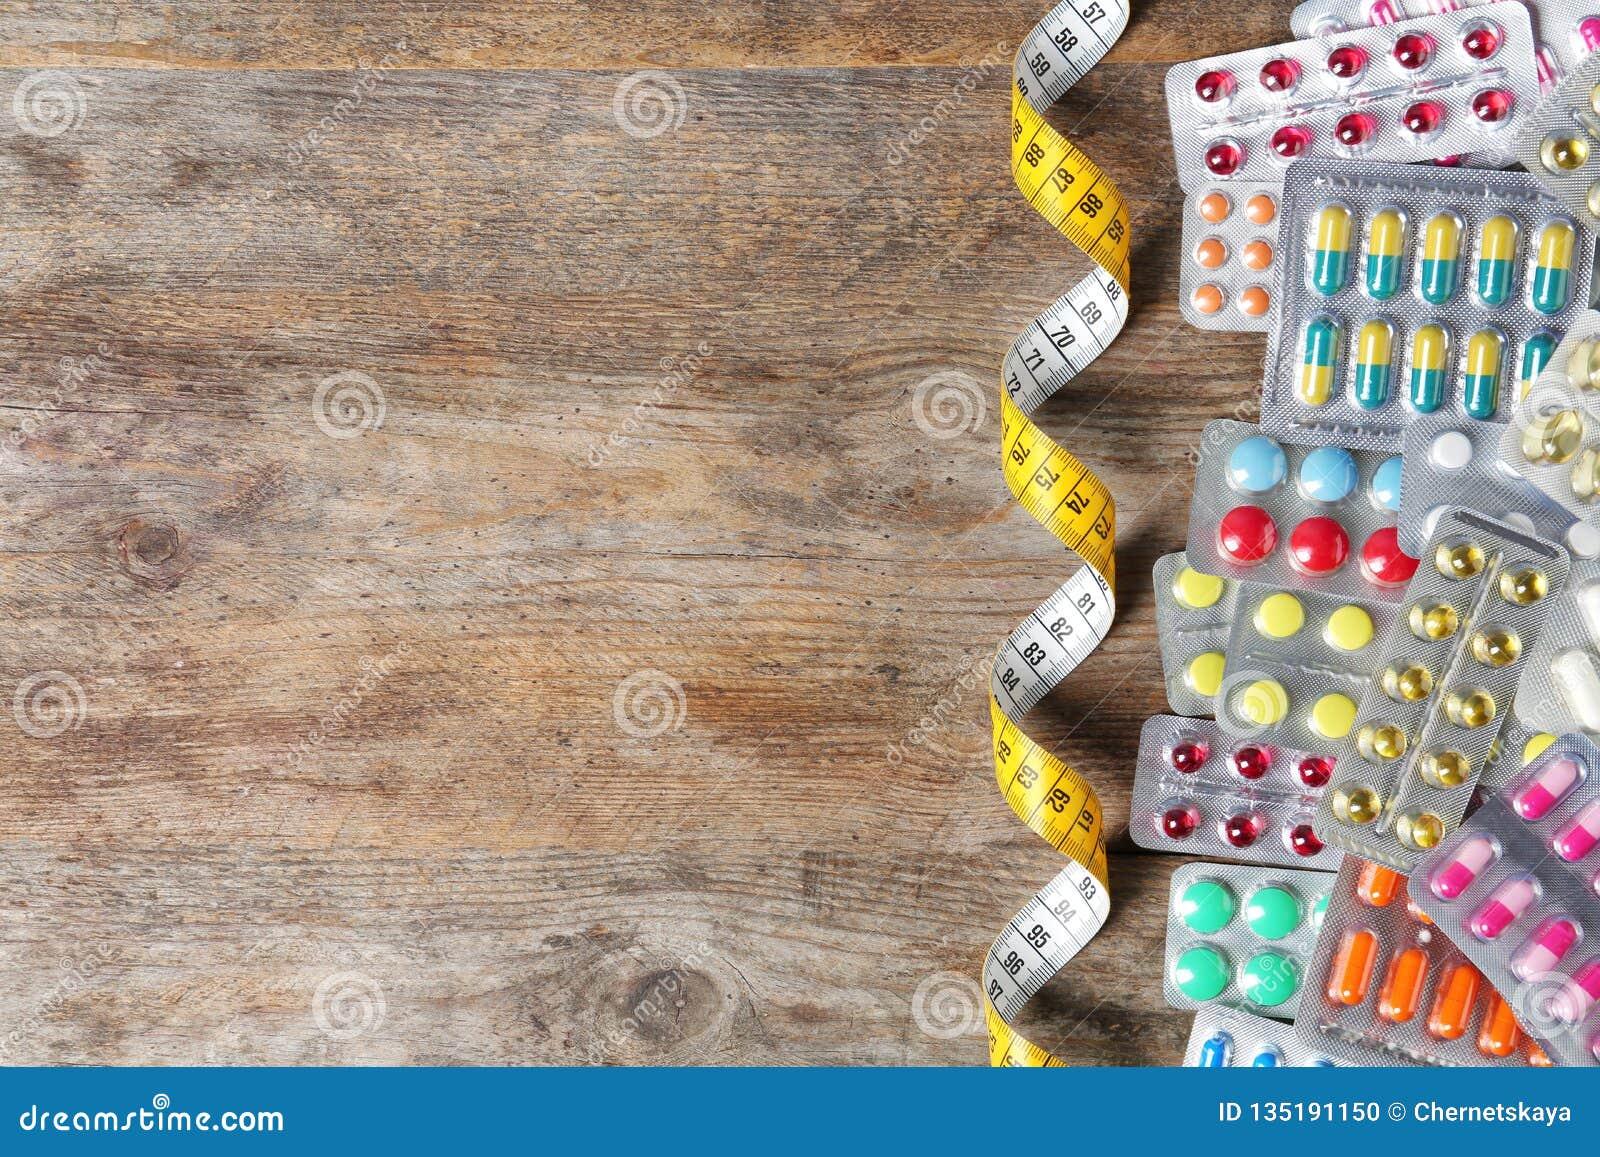 Weight loss pill packs